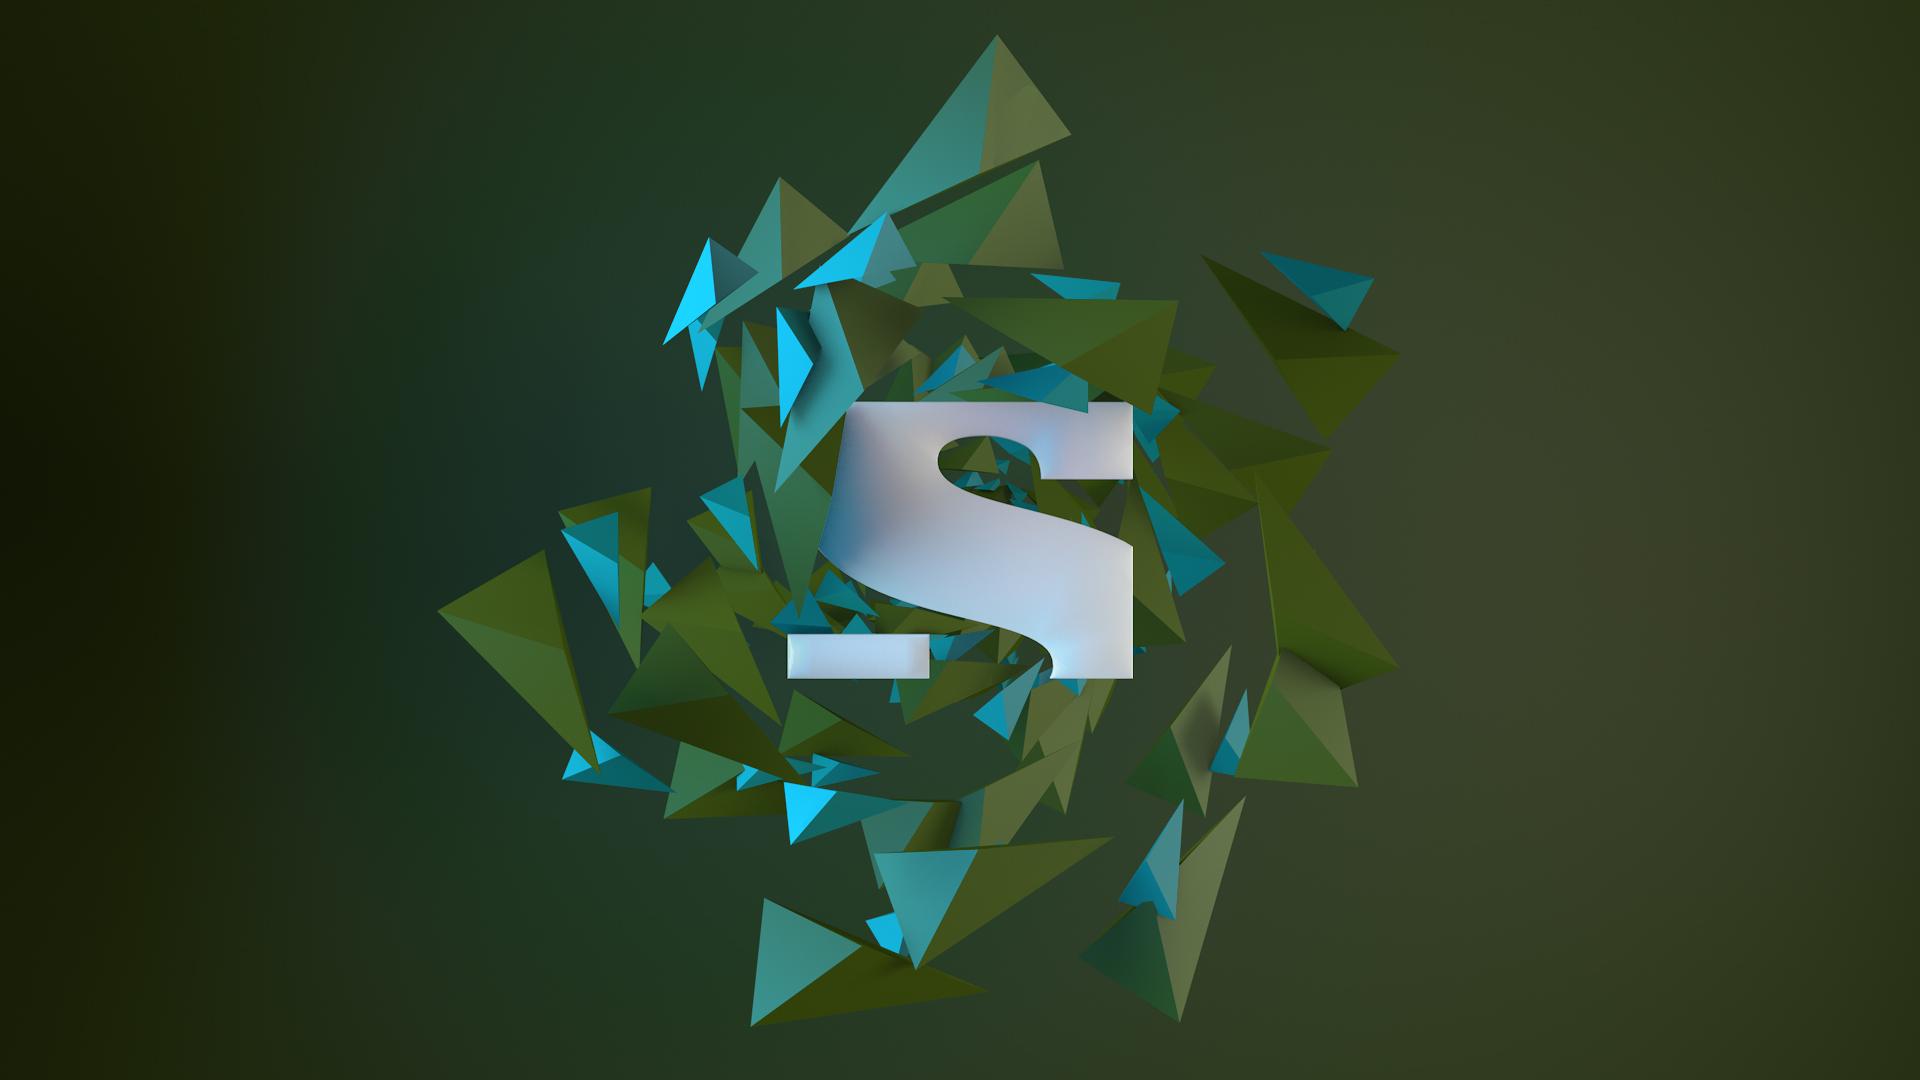 SHAPES_5__1 (00000).jpg